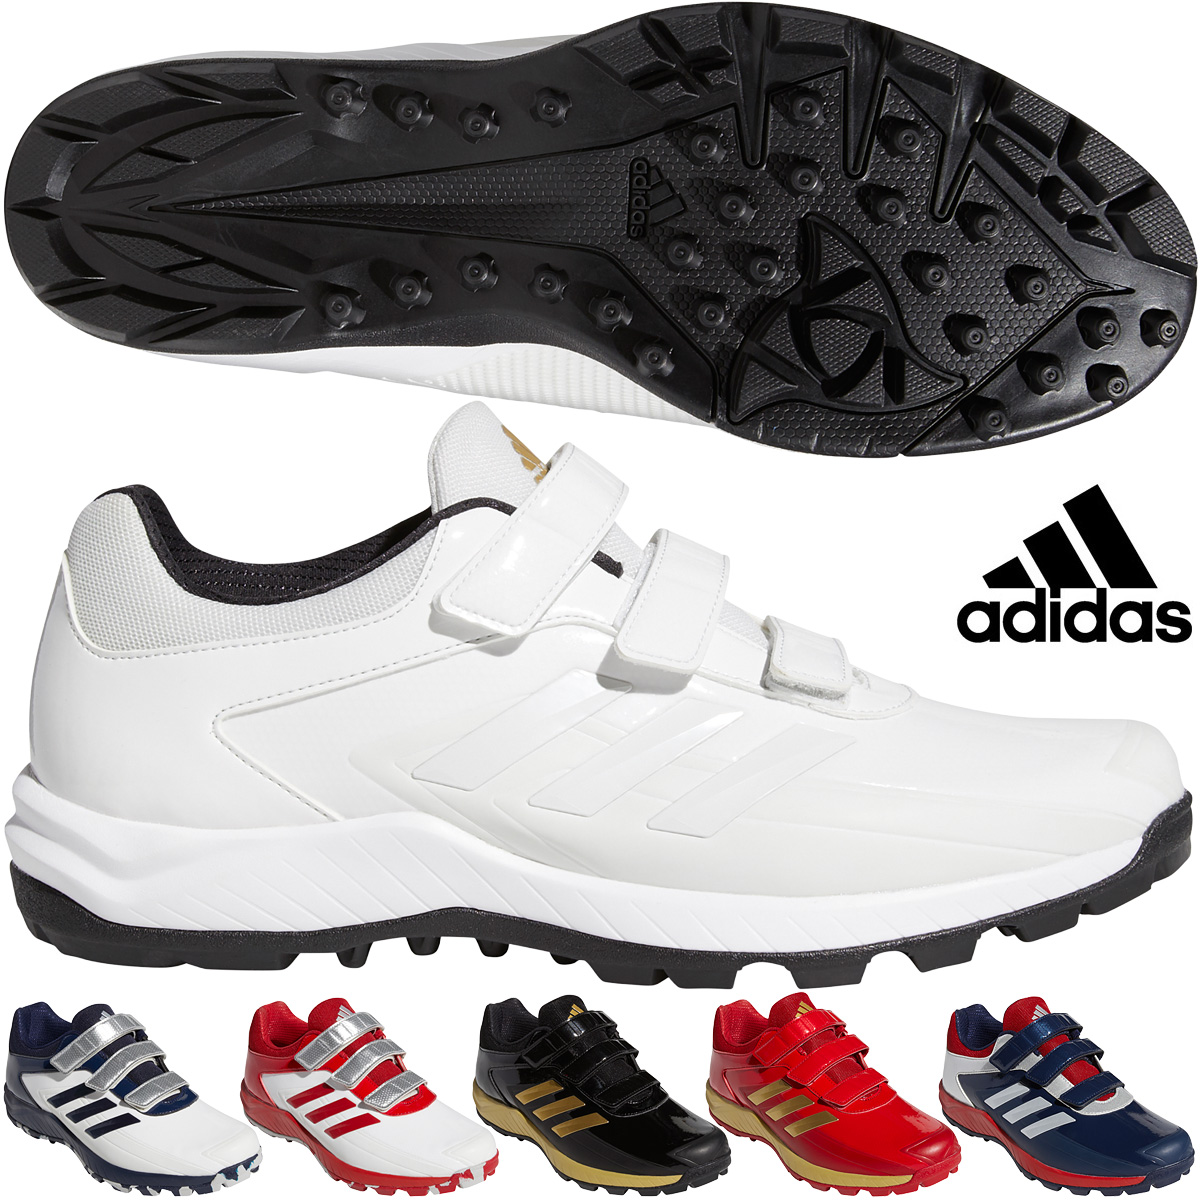 即納 adidas Japan アディダスジャパン 割り引き 日本正規品 adipure TR 2020新製品 アディピュア 新着 AC EPC54 あす楽対応 スポーツトレーニングシューズ